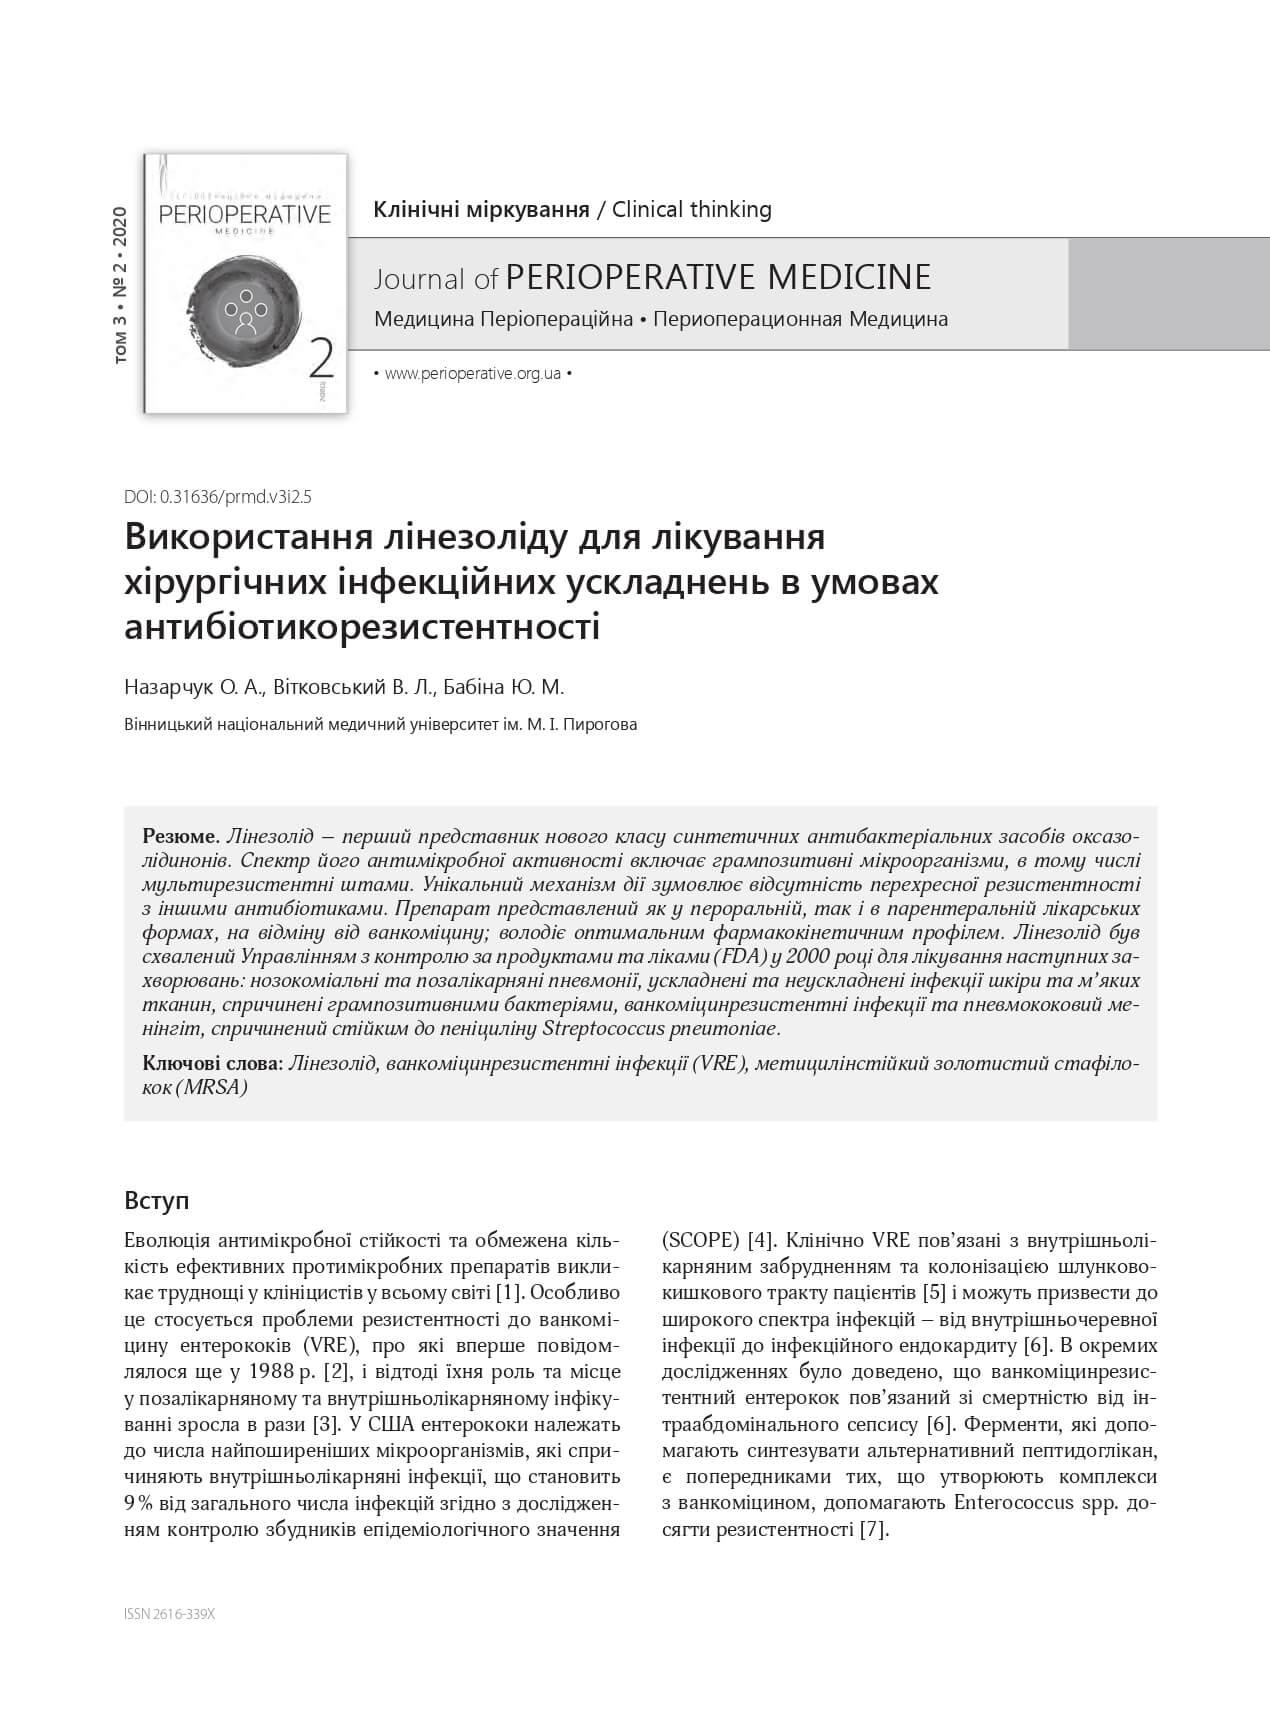 Використання лінезоліду для лікування хірургічних інфекційних ускладнень в умовах антибіотикорезистентності